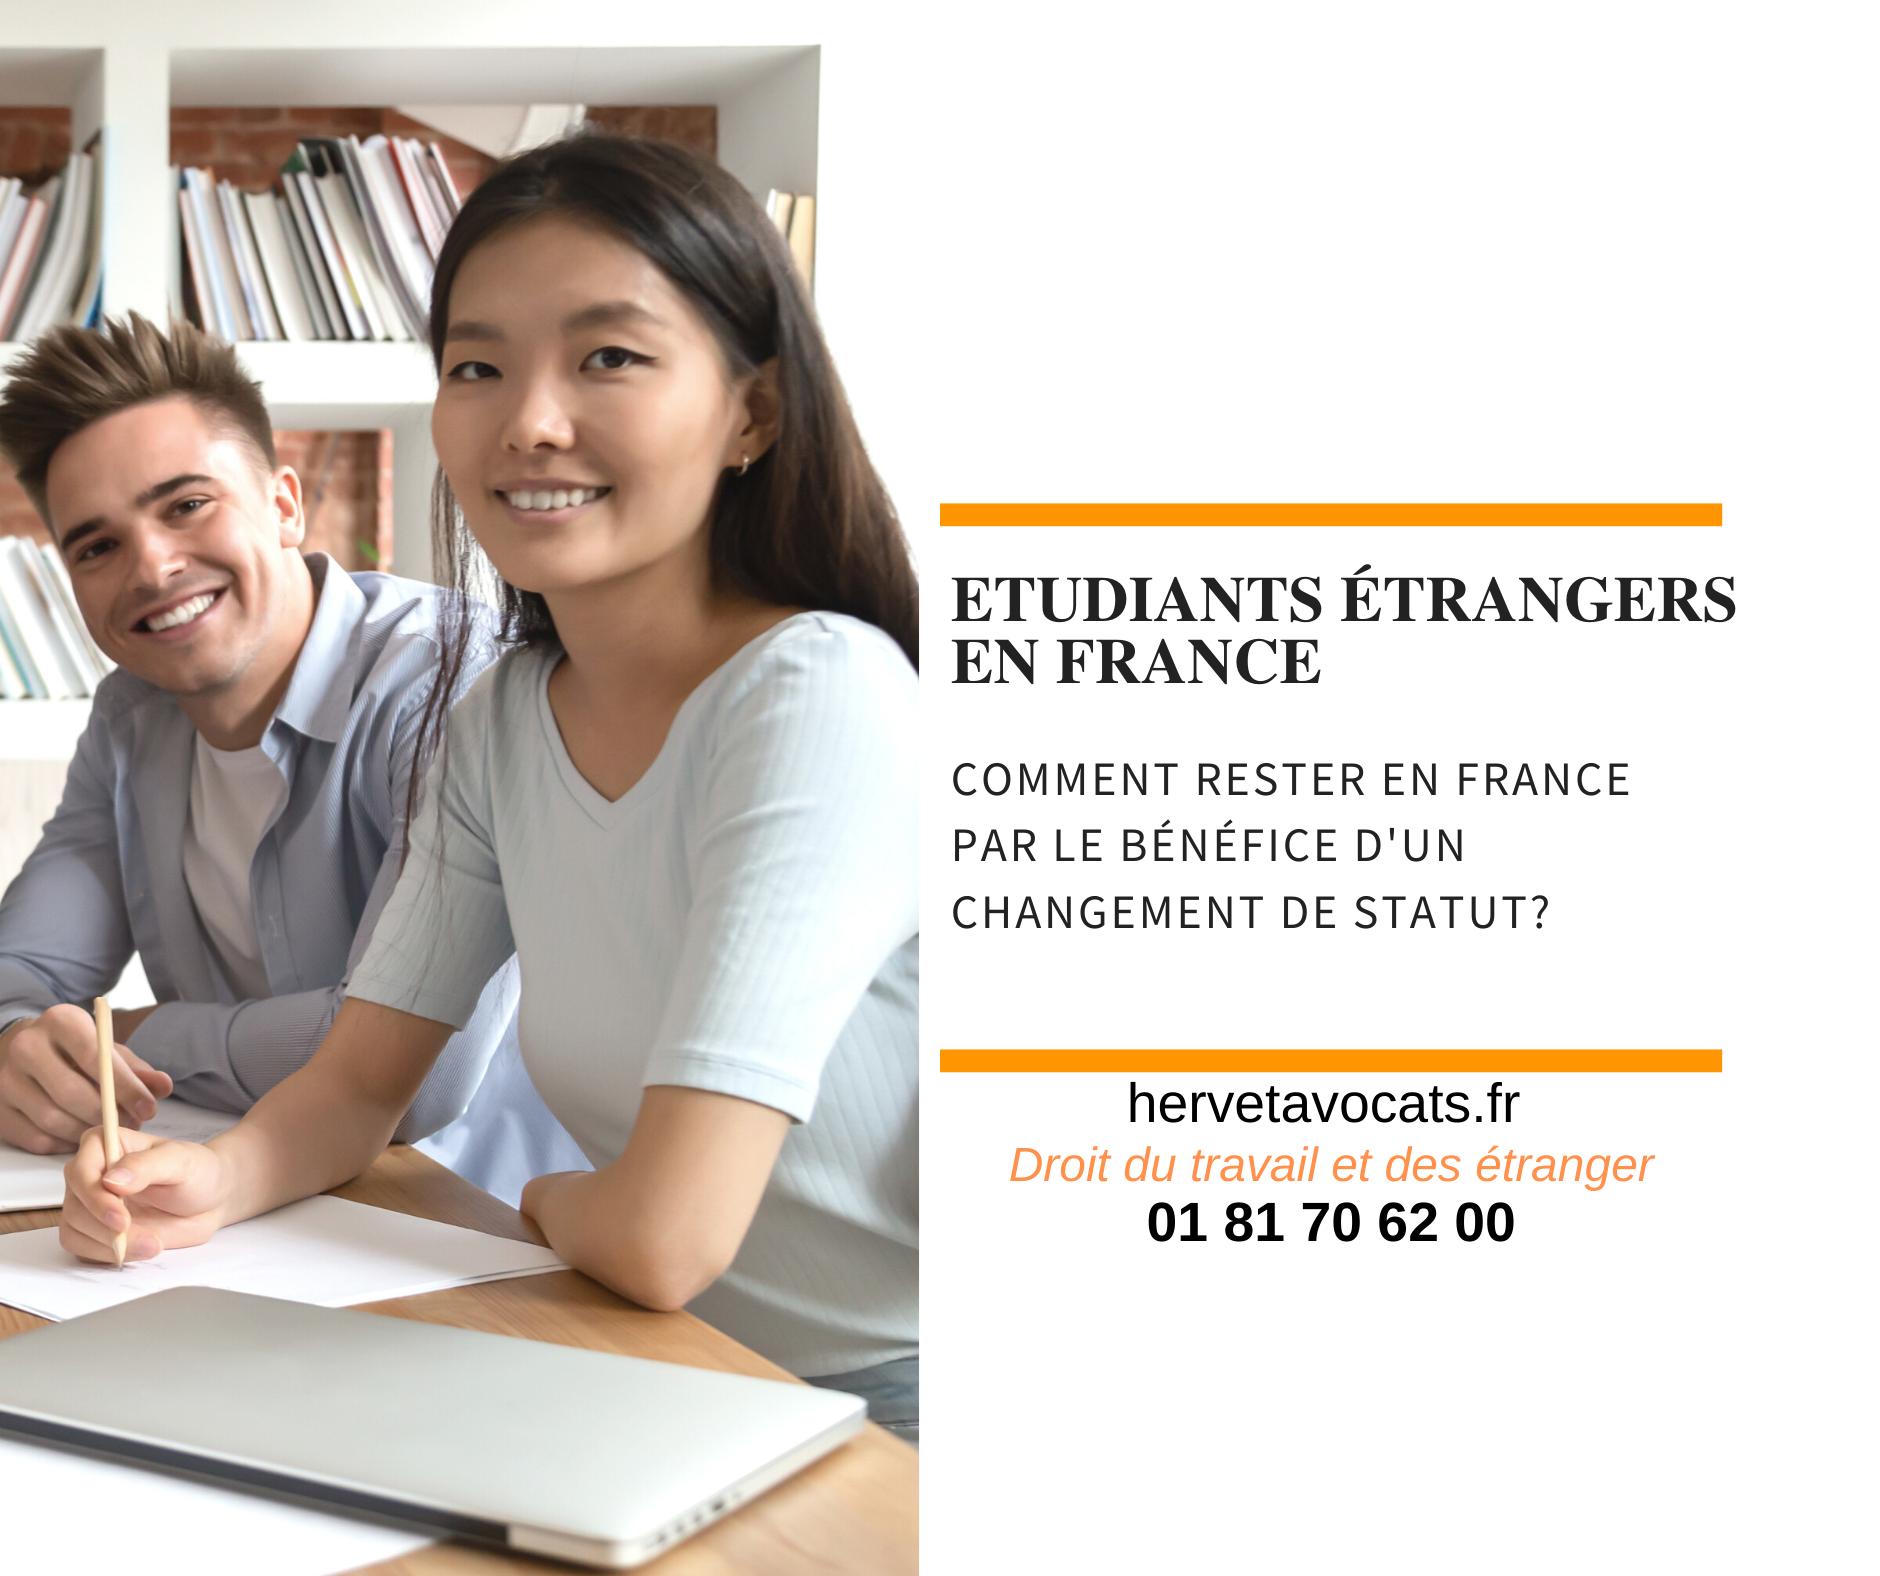 Étudiants étrangers : comment bénéficier d'un changement de statut ?